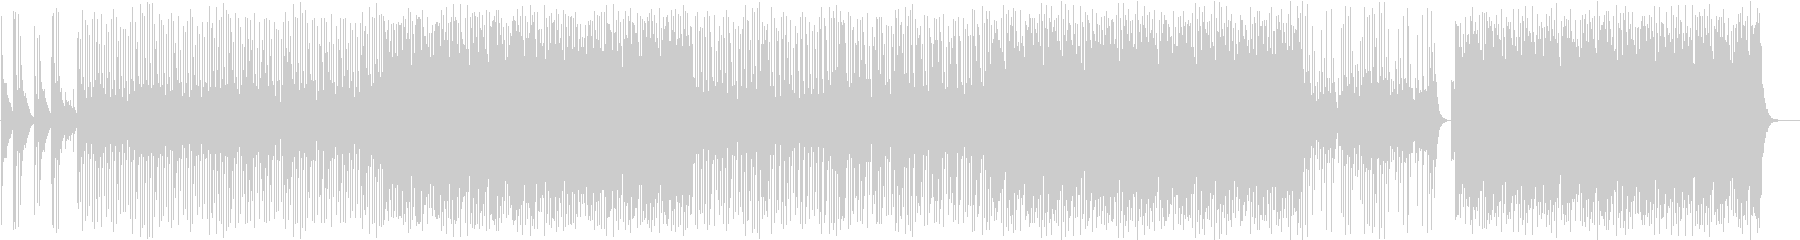 和風/和楽器/掛け声(は!/よ~)/A6の未再生の波形